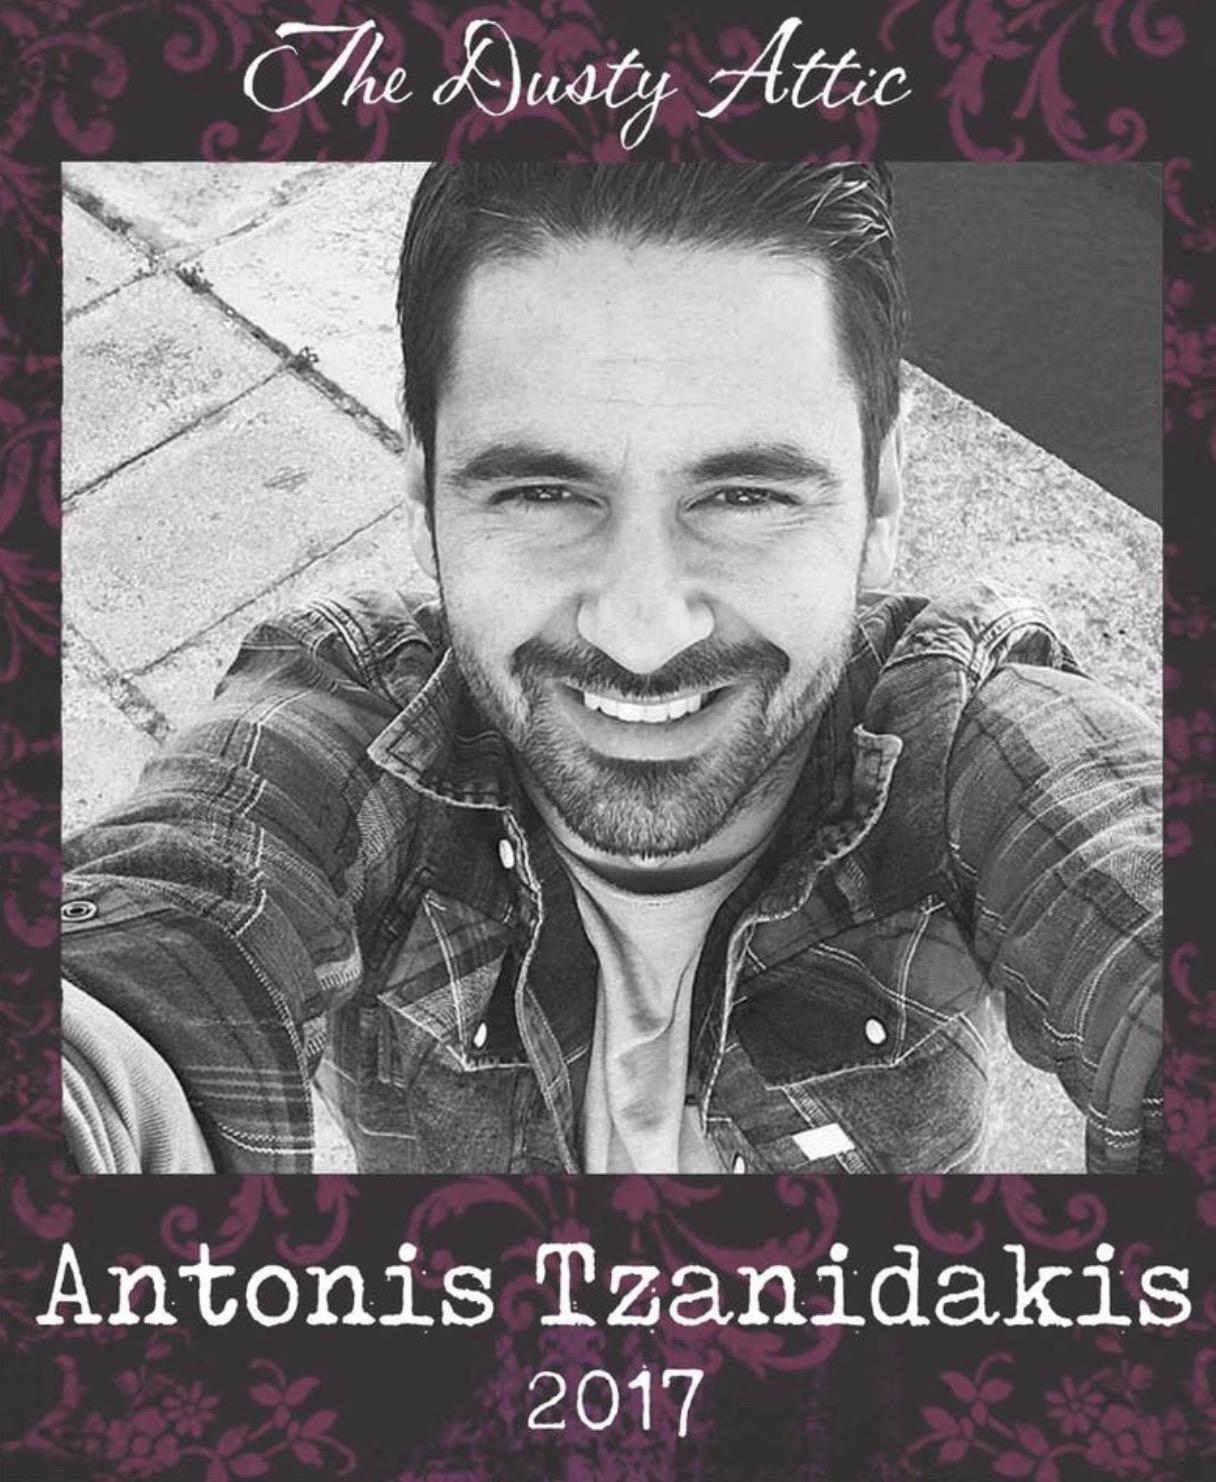 Antonis Tzxsanidaskis